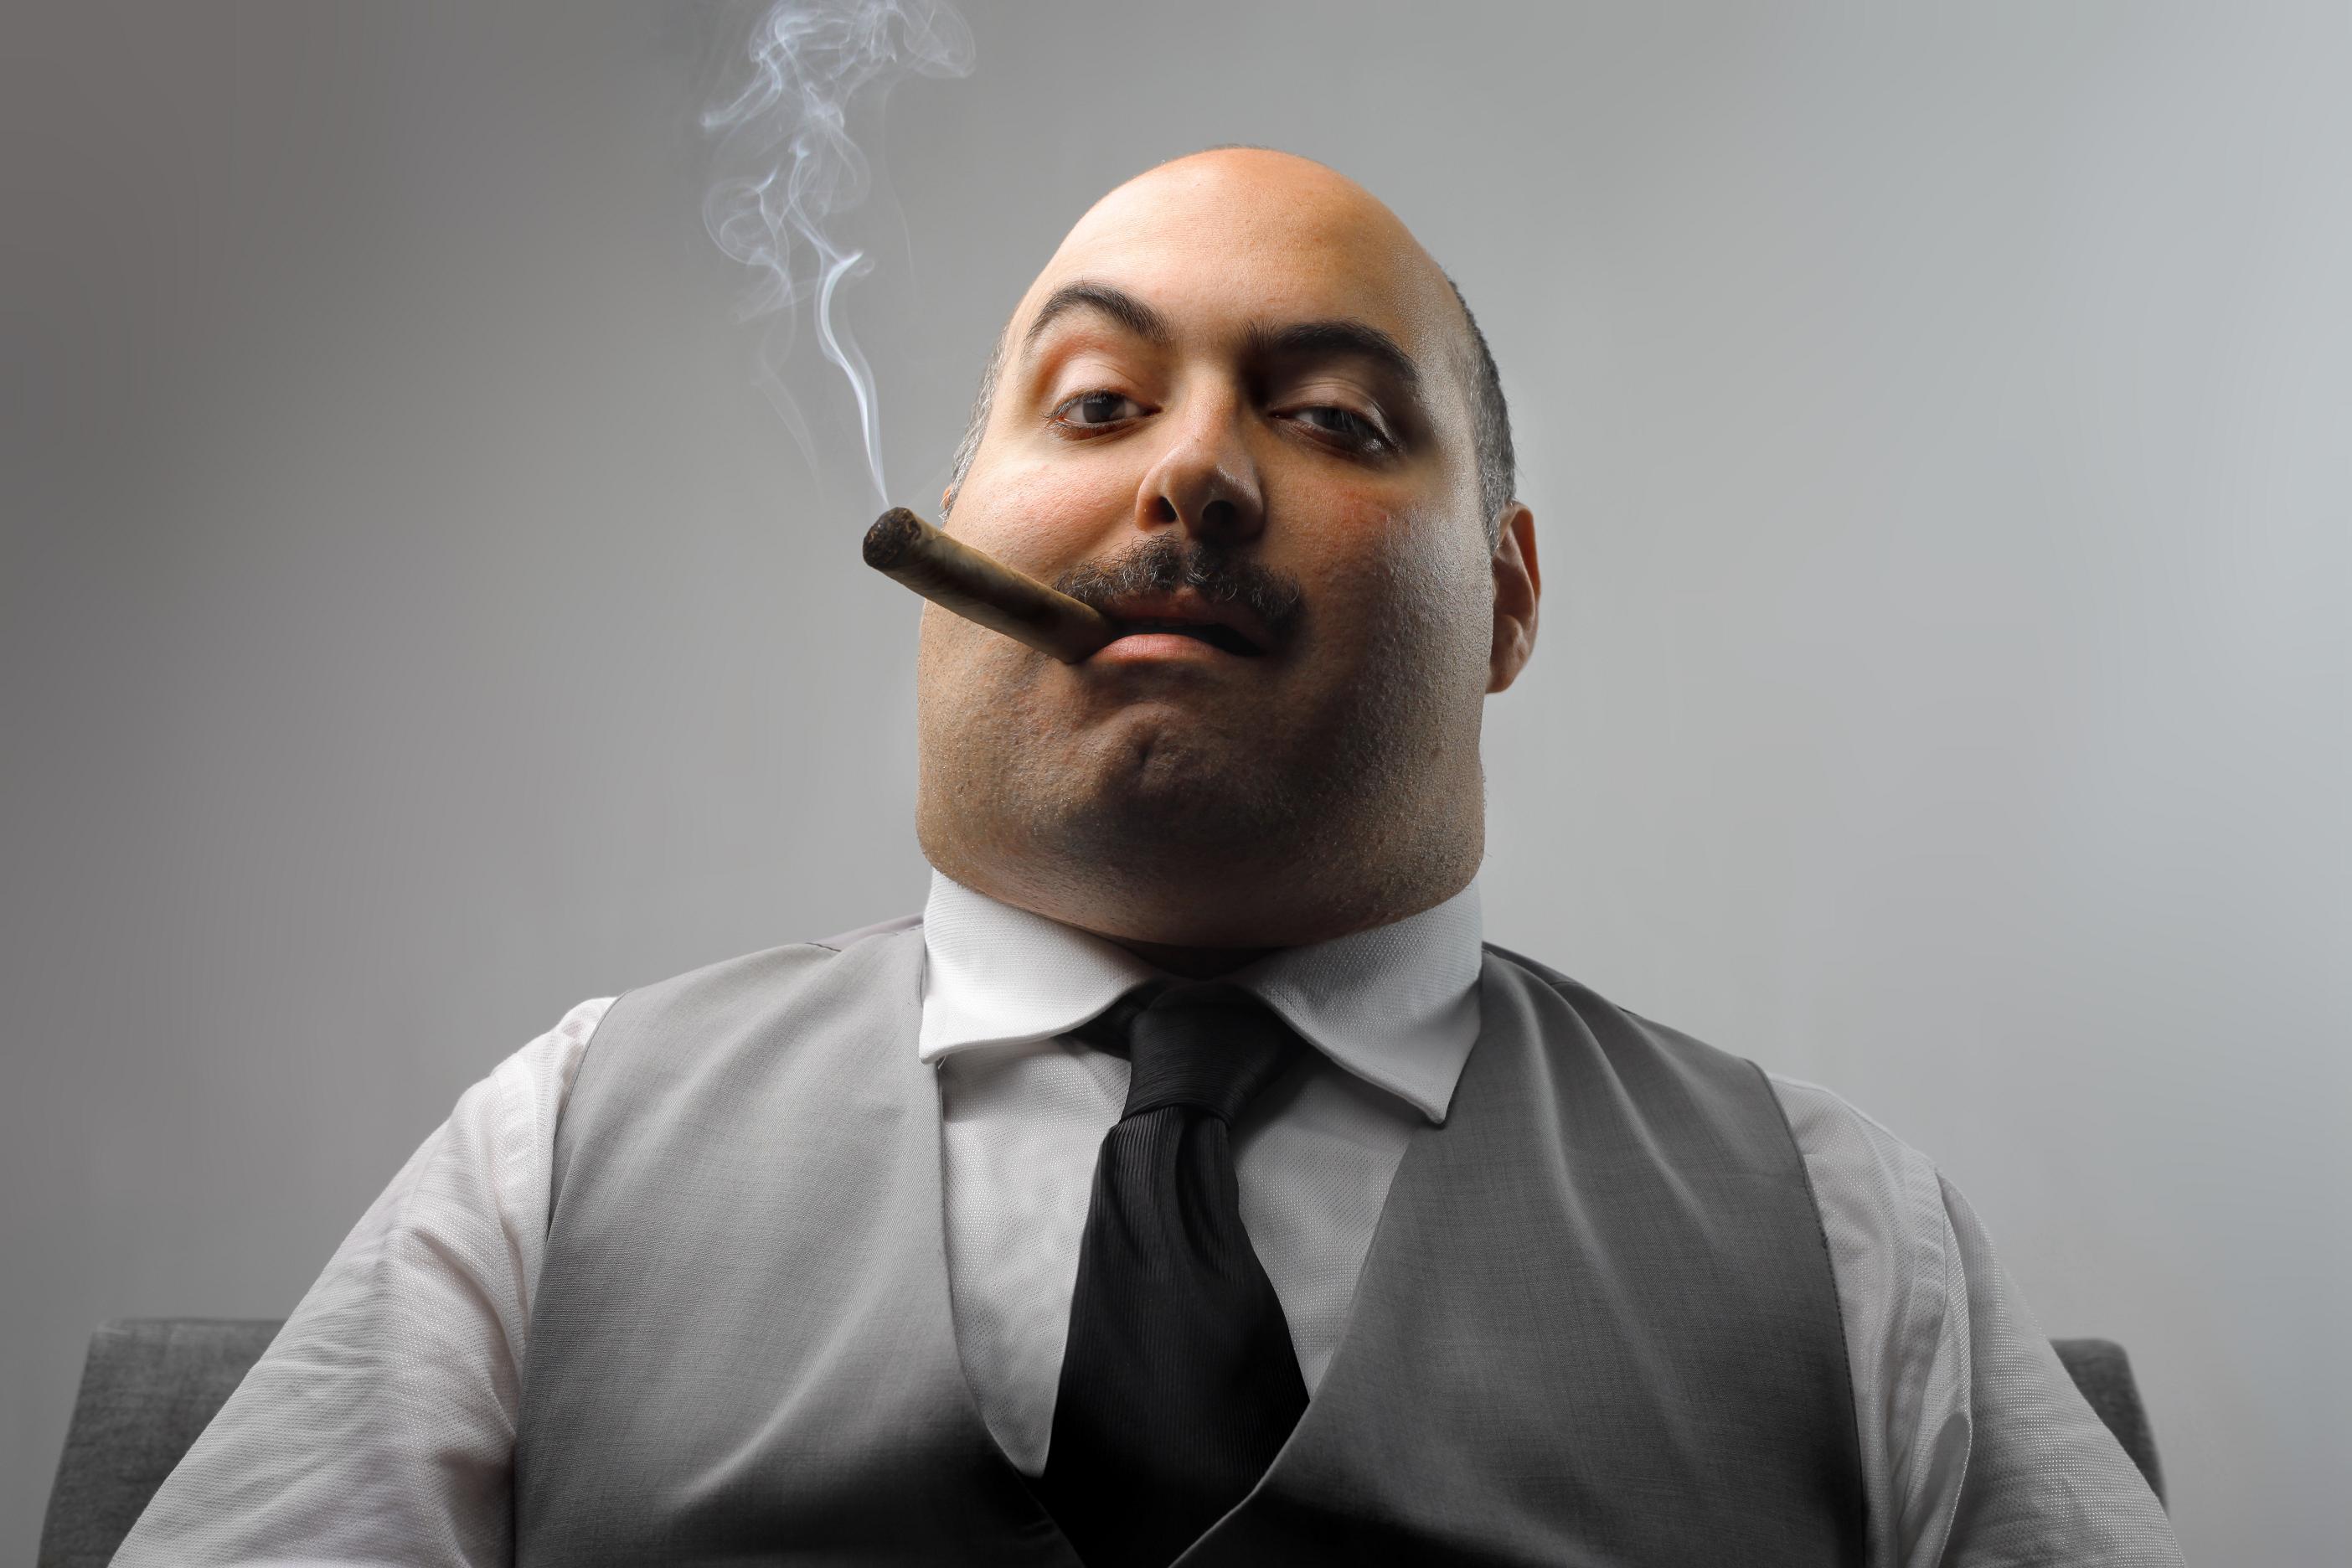 cuando nuestro jefe quiere sacarnos la piedra, relaciones laborales, jefe, empleado, mal jefe, ambiente laboral nocivo